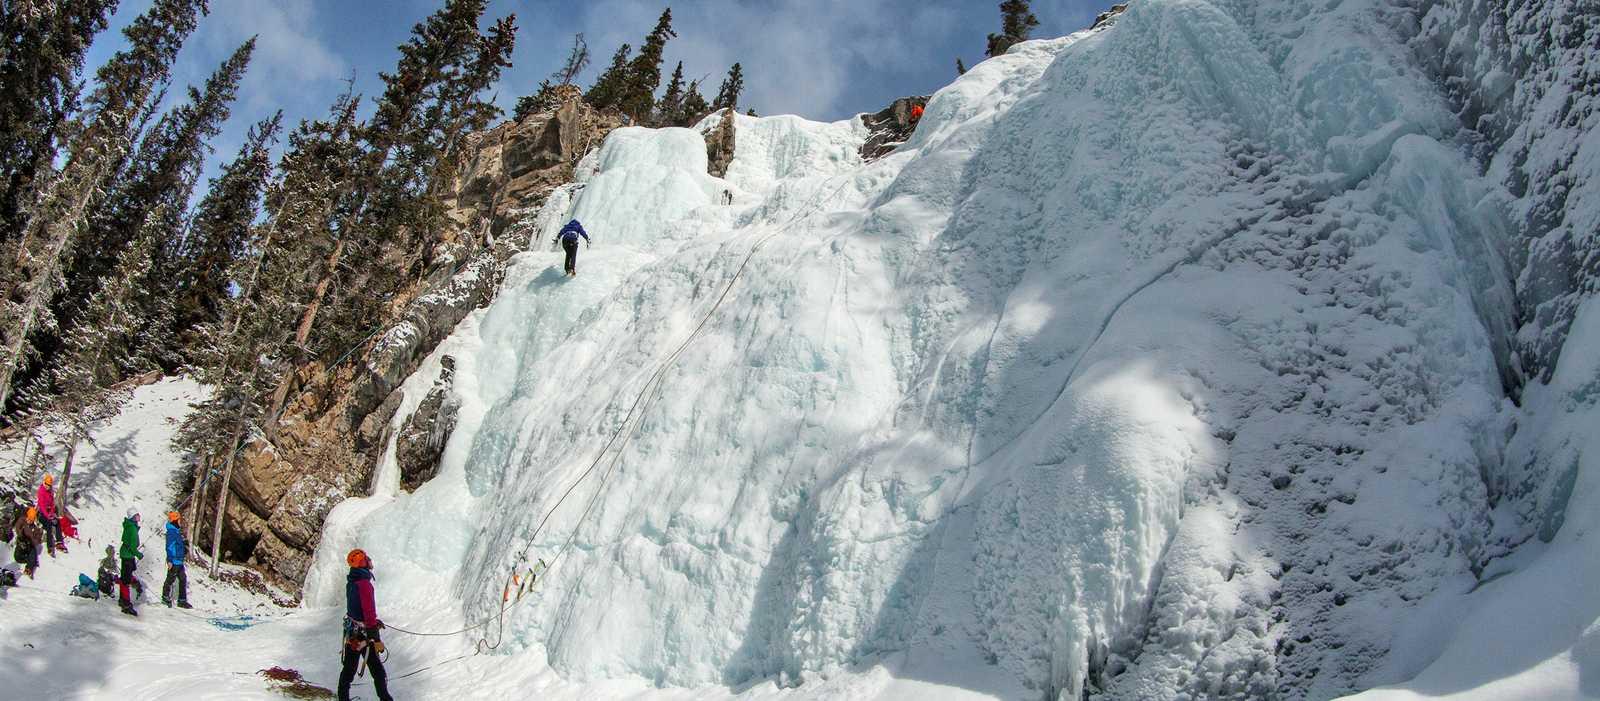 Eisklettern am gefrorenen Wasserfall in Jasper, Alberta